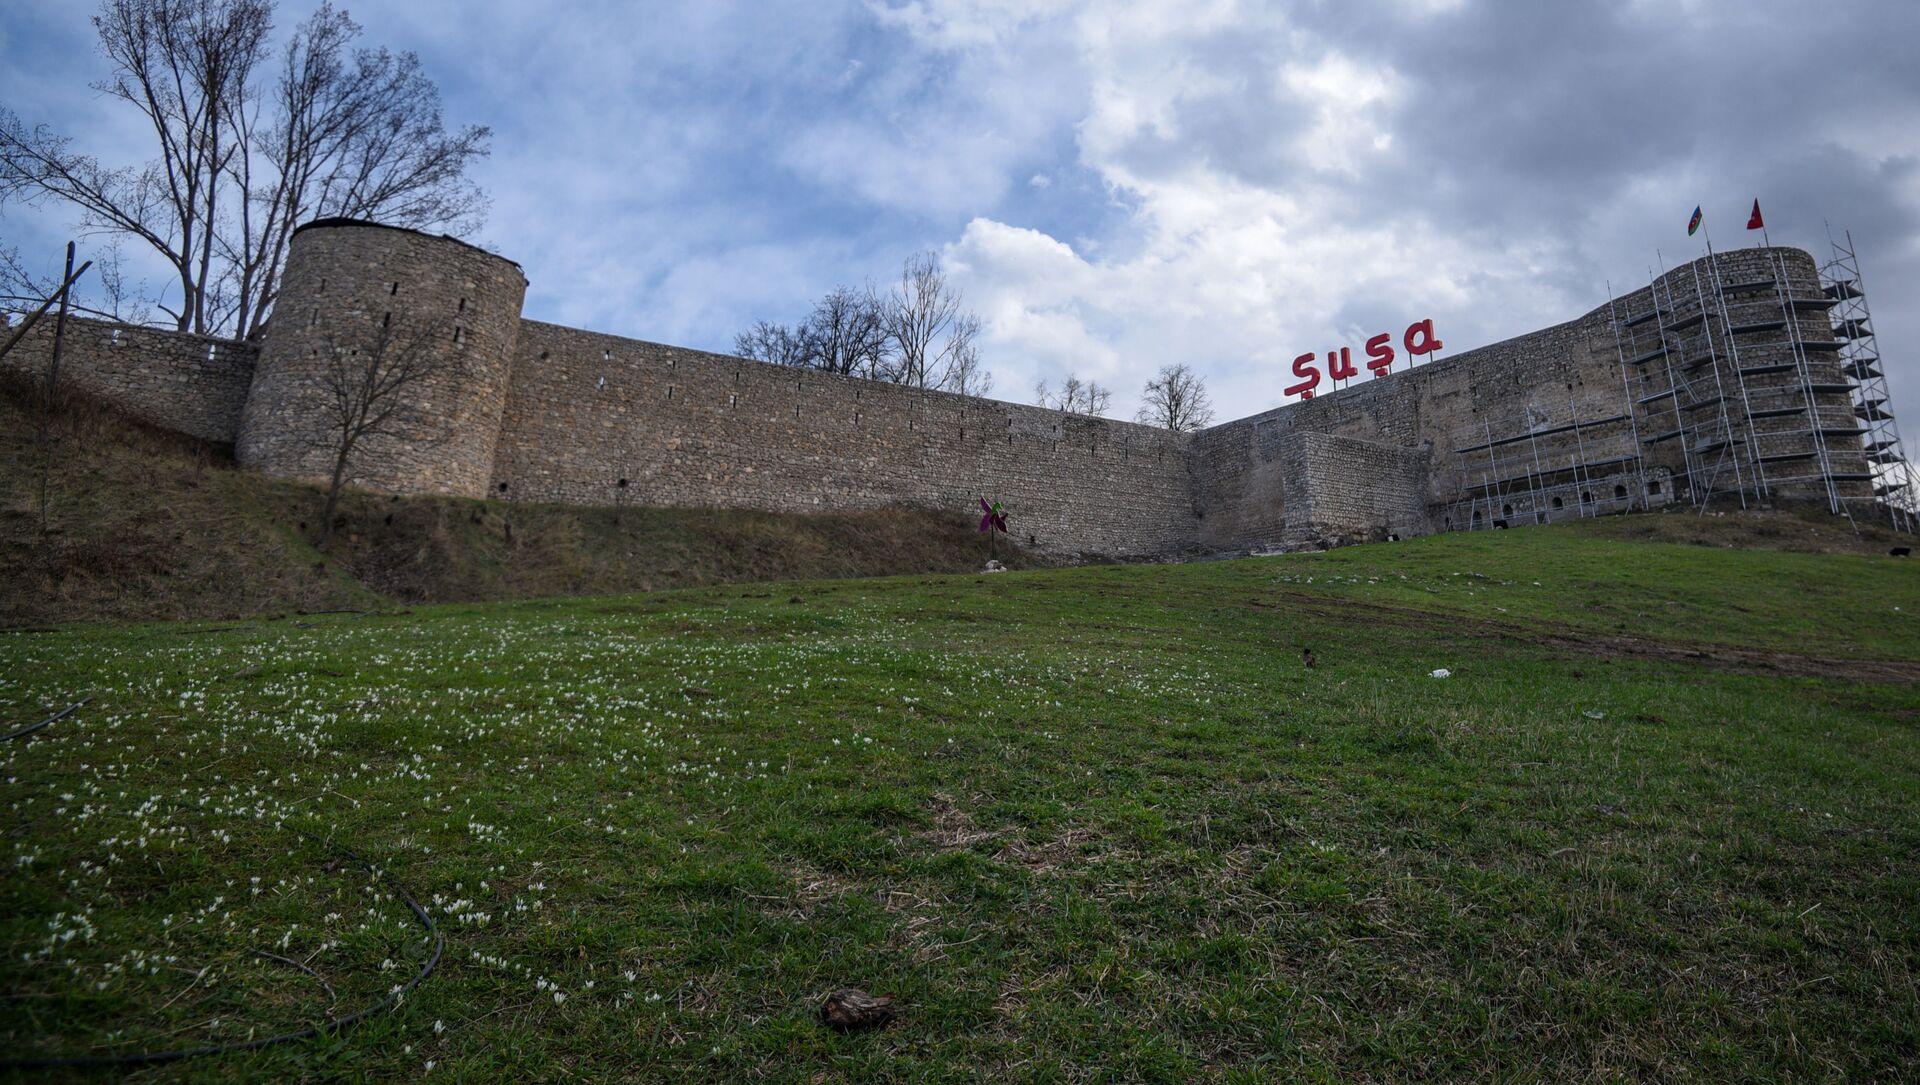 Крепостные стены в городе Шуша, фото из архива - Sputnik Азербайджан, 1920, 17.09.2021